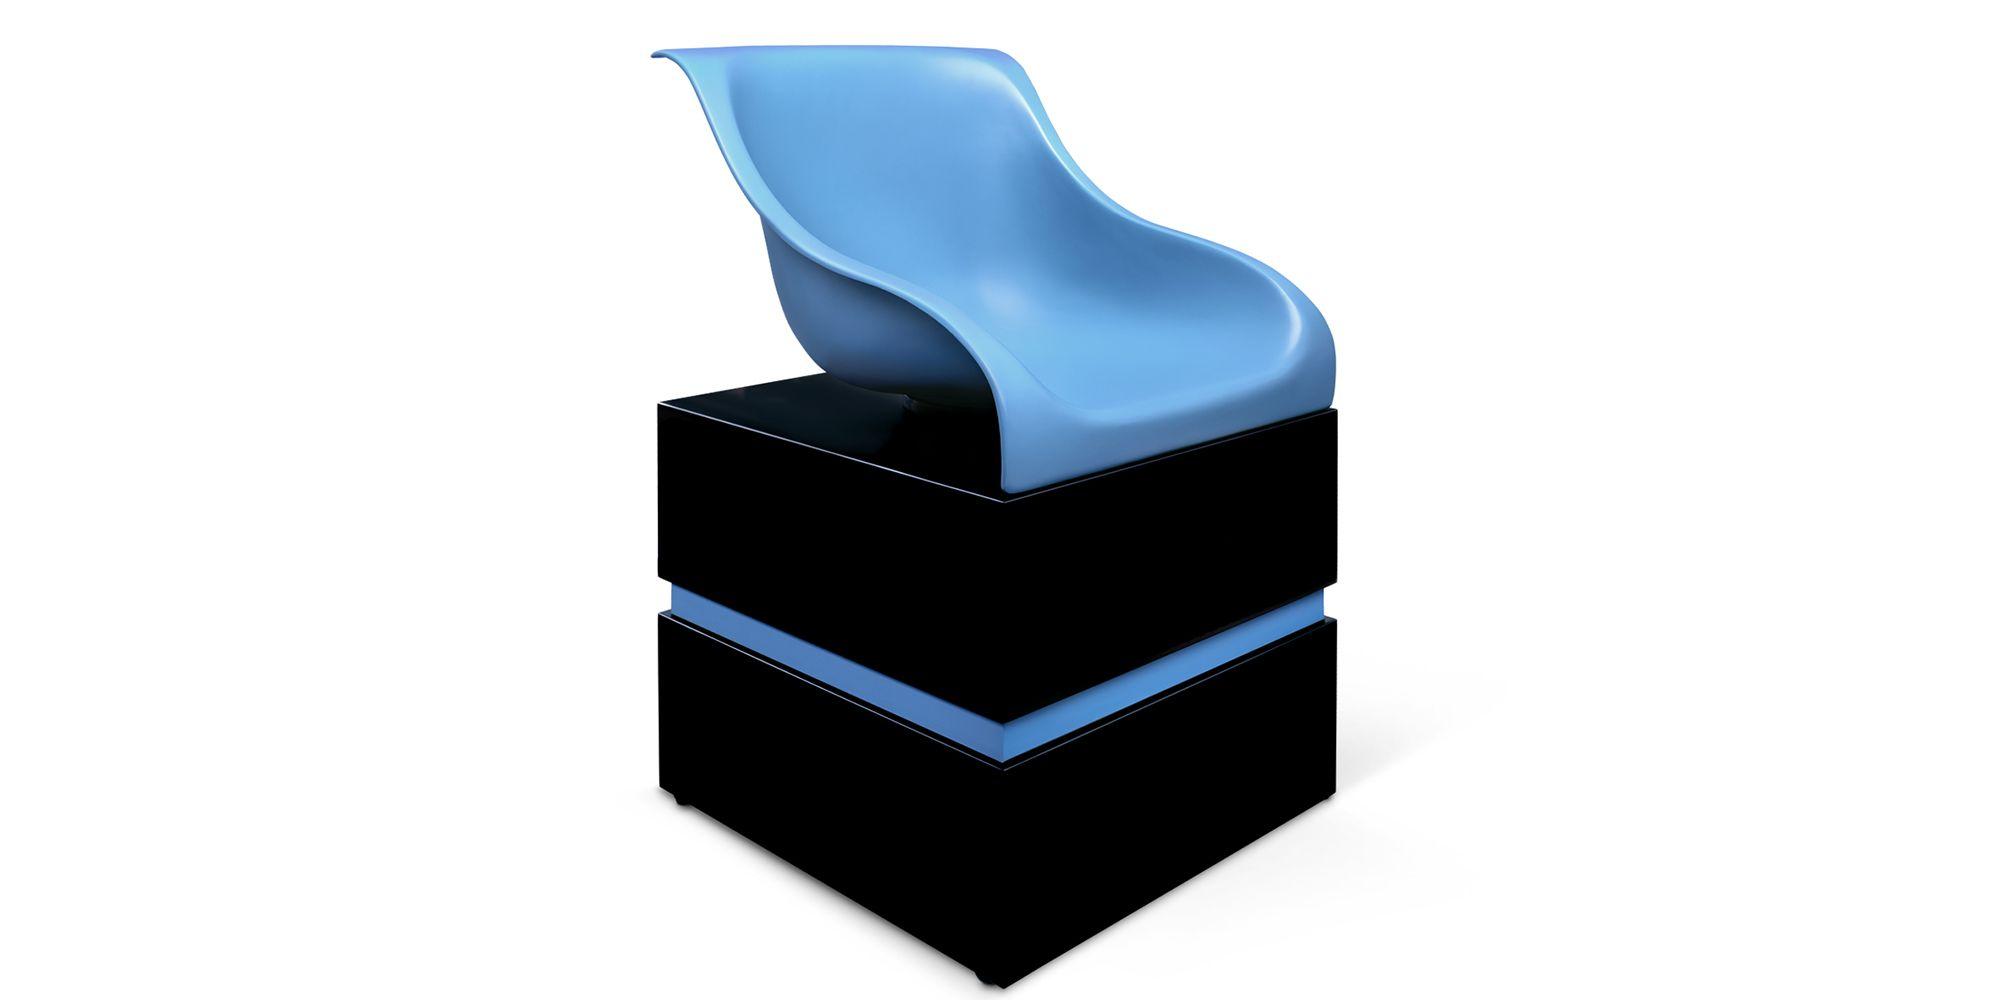 Le famose sedie di design del Piper tornano sul mercato